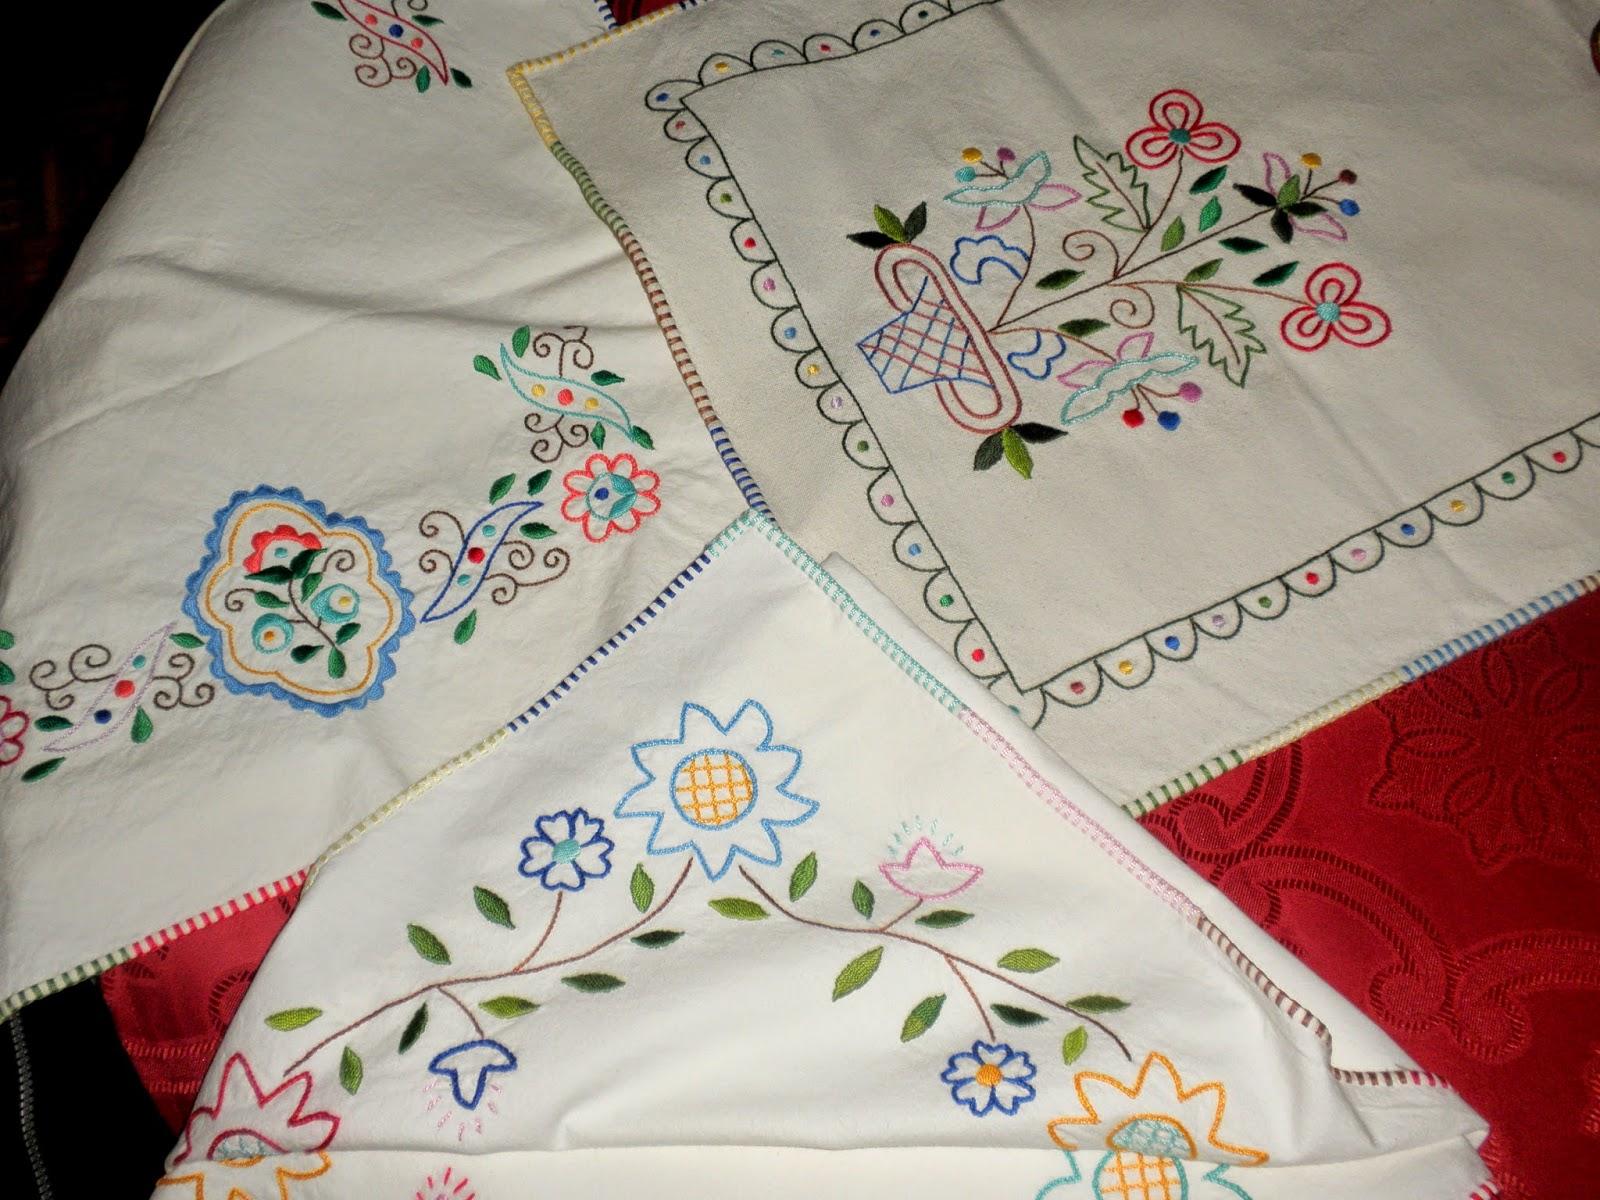 Manteles pintados para bordar hermosos manteles pintados - Manteles de mesa bordados ...